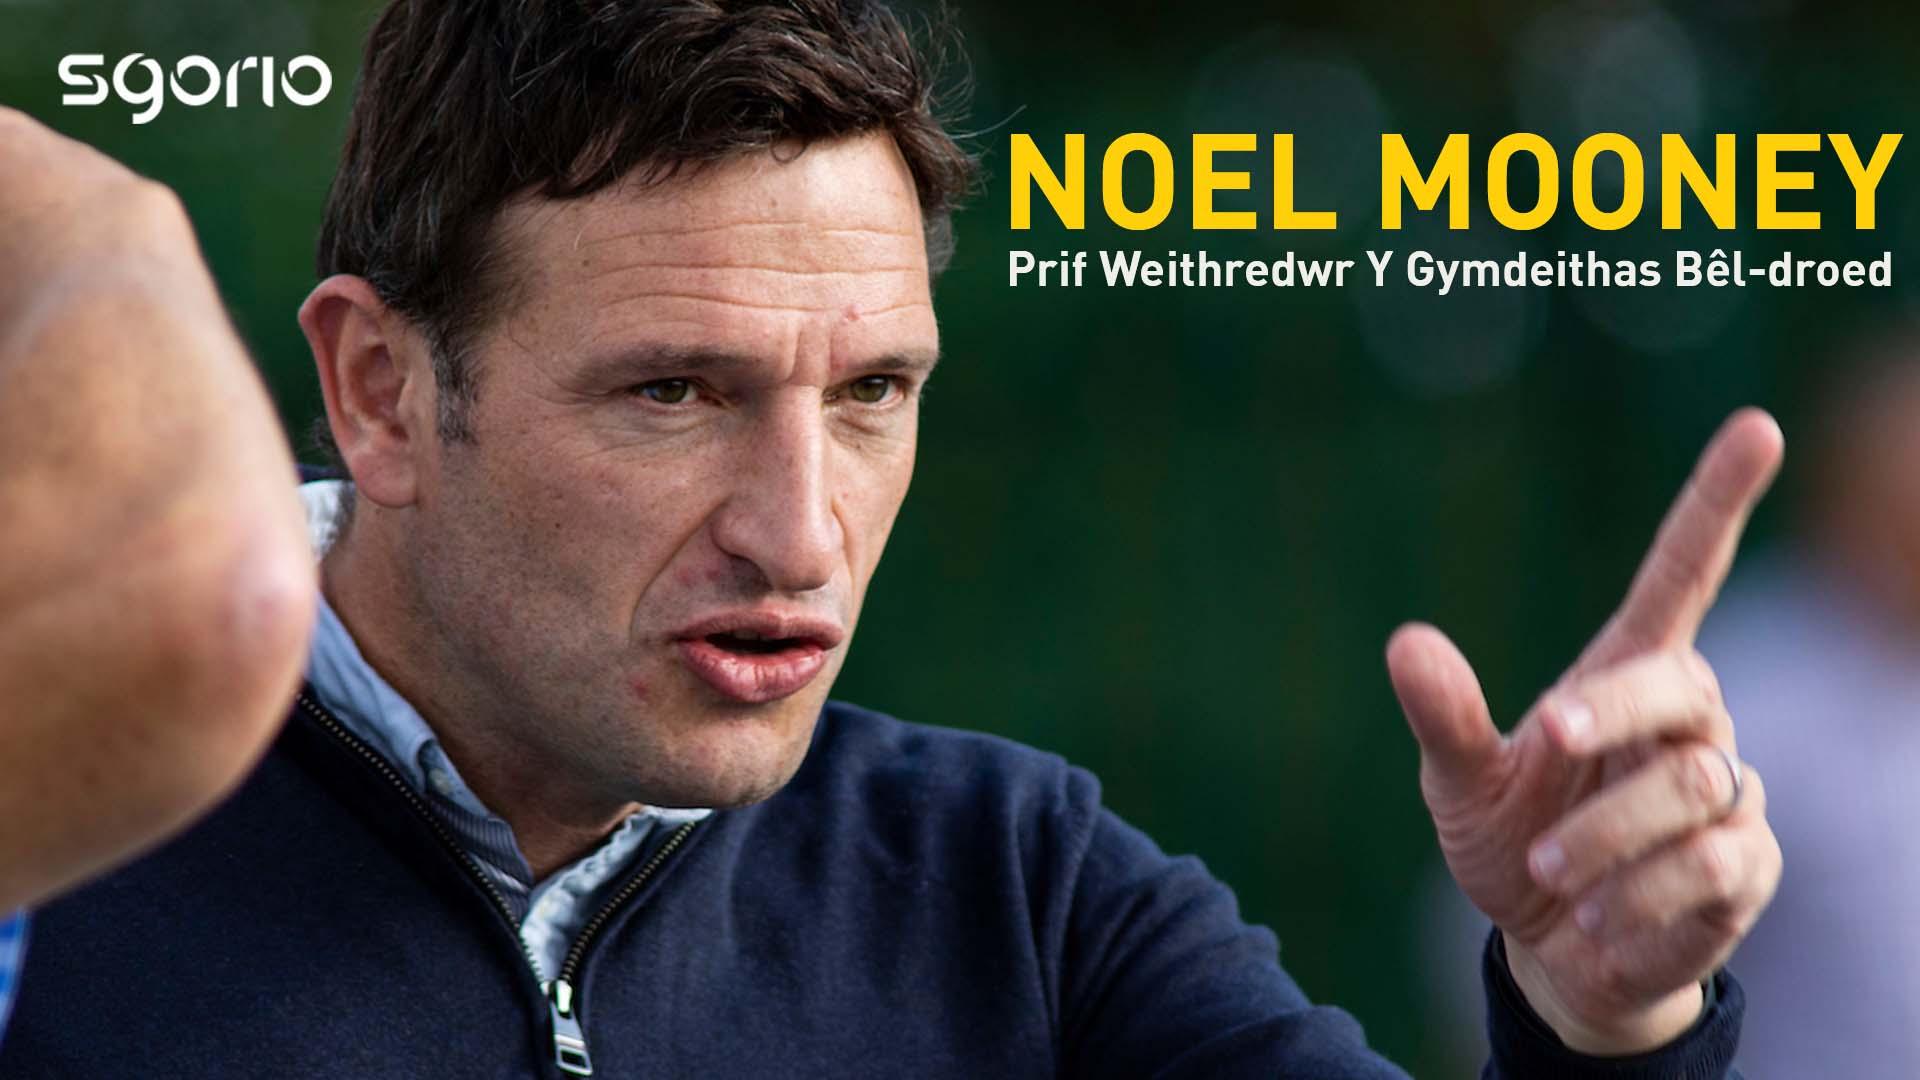 Noel Mooney |  Prif Weithredwr Y Gymdeithas Bêl-droed